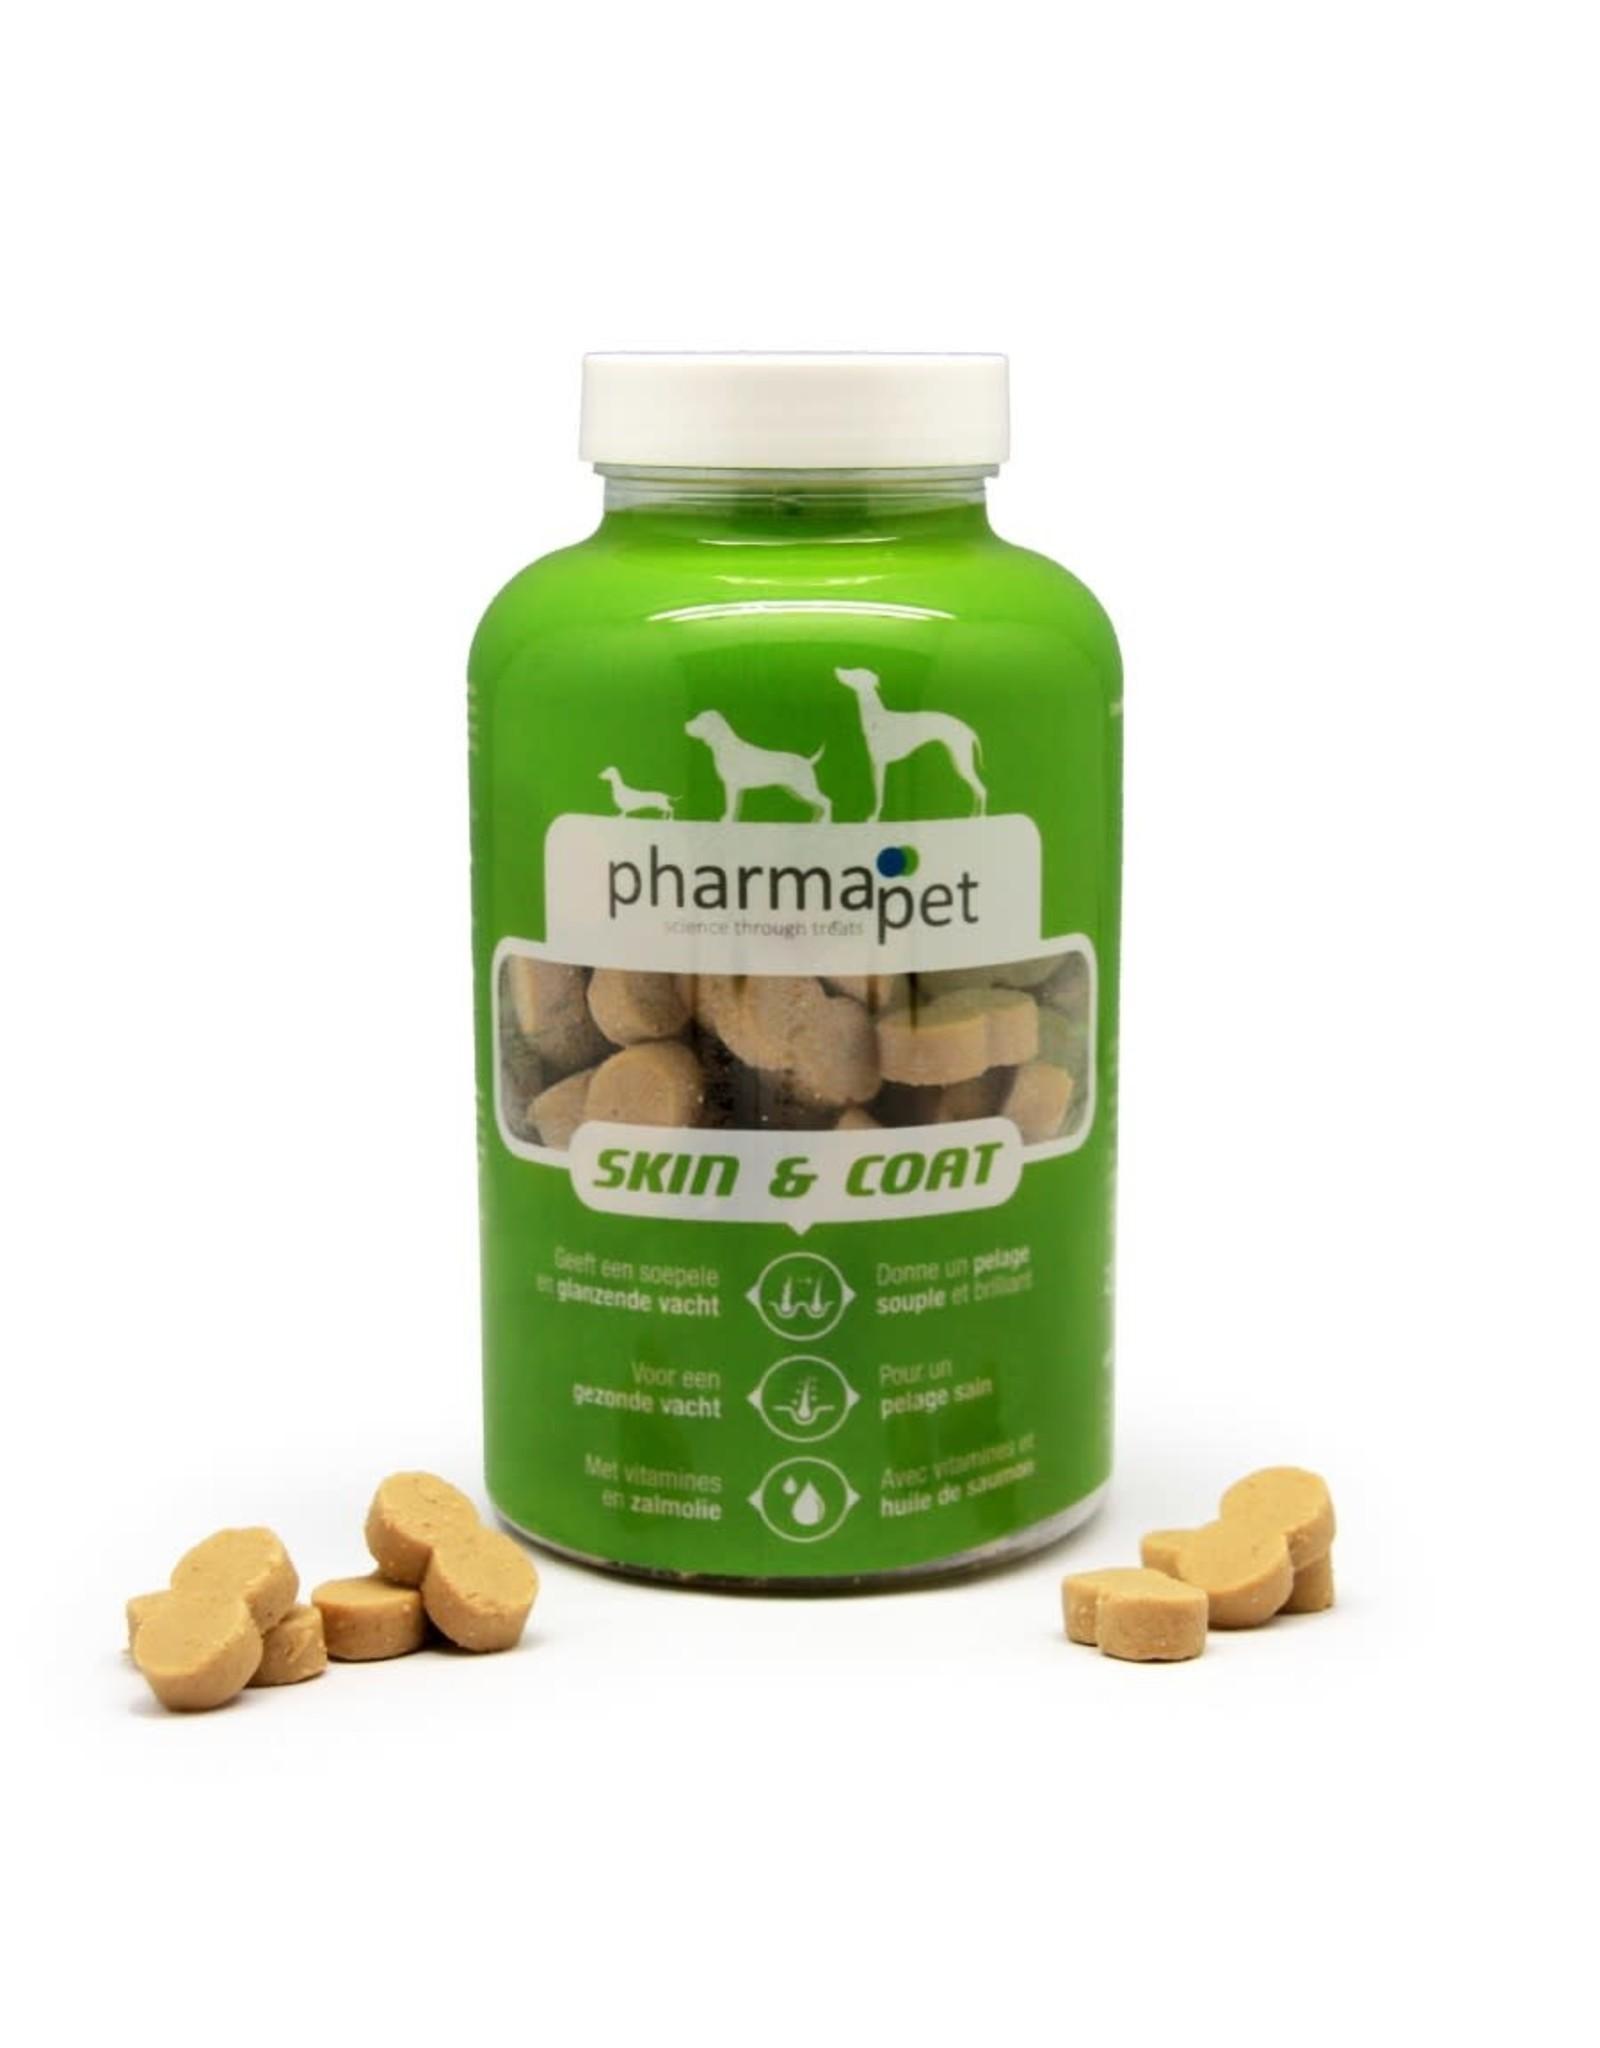 Pharmapet PharmaPet Skin & Coat